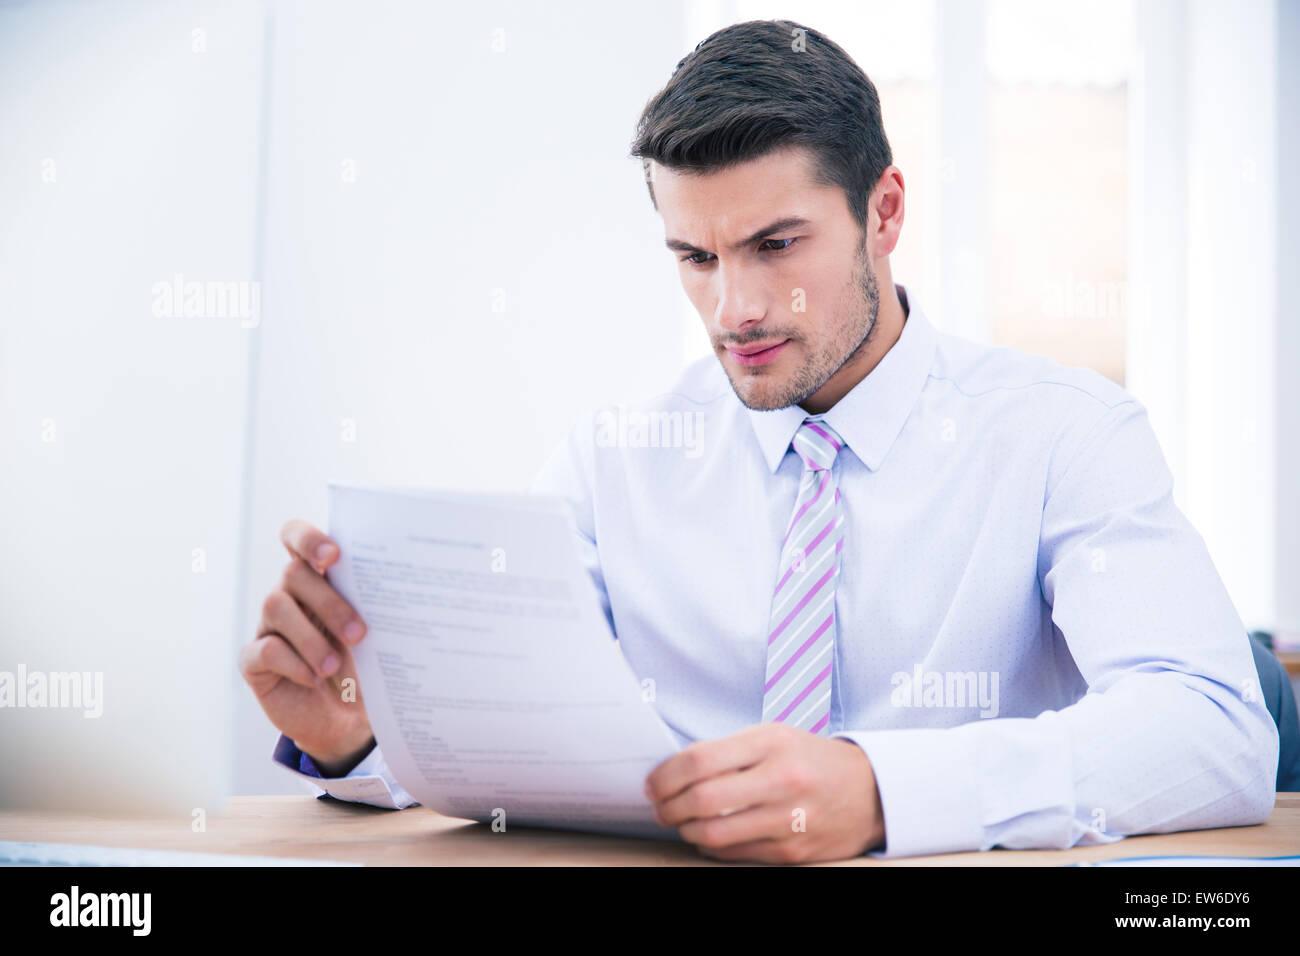 Gut aussehend Geschäftsmann am Tisch lesen Dokument im Büro Stockbild